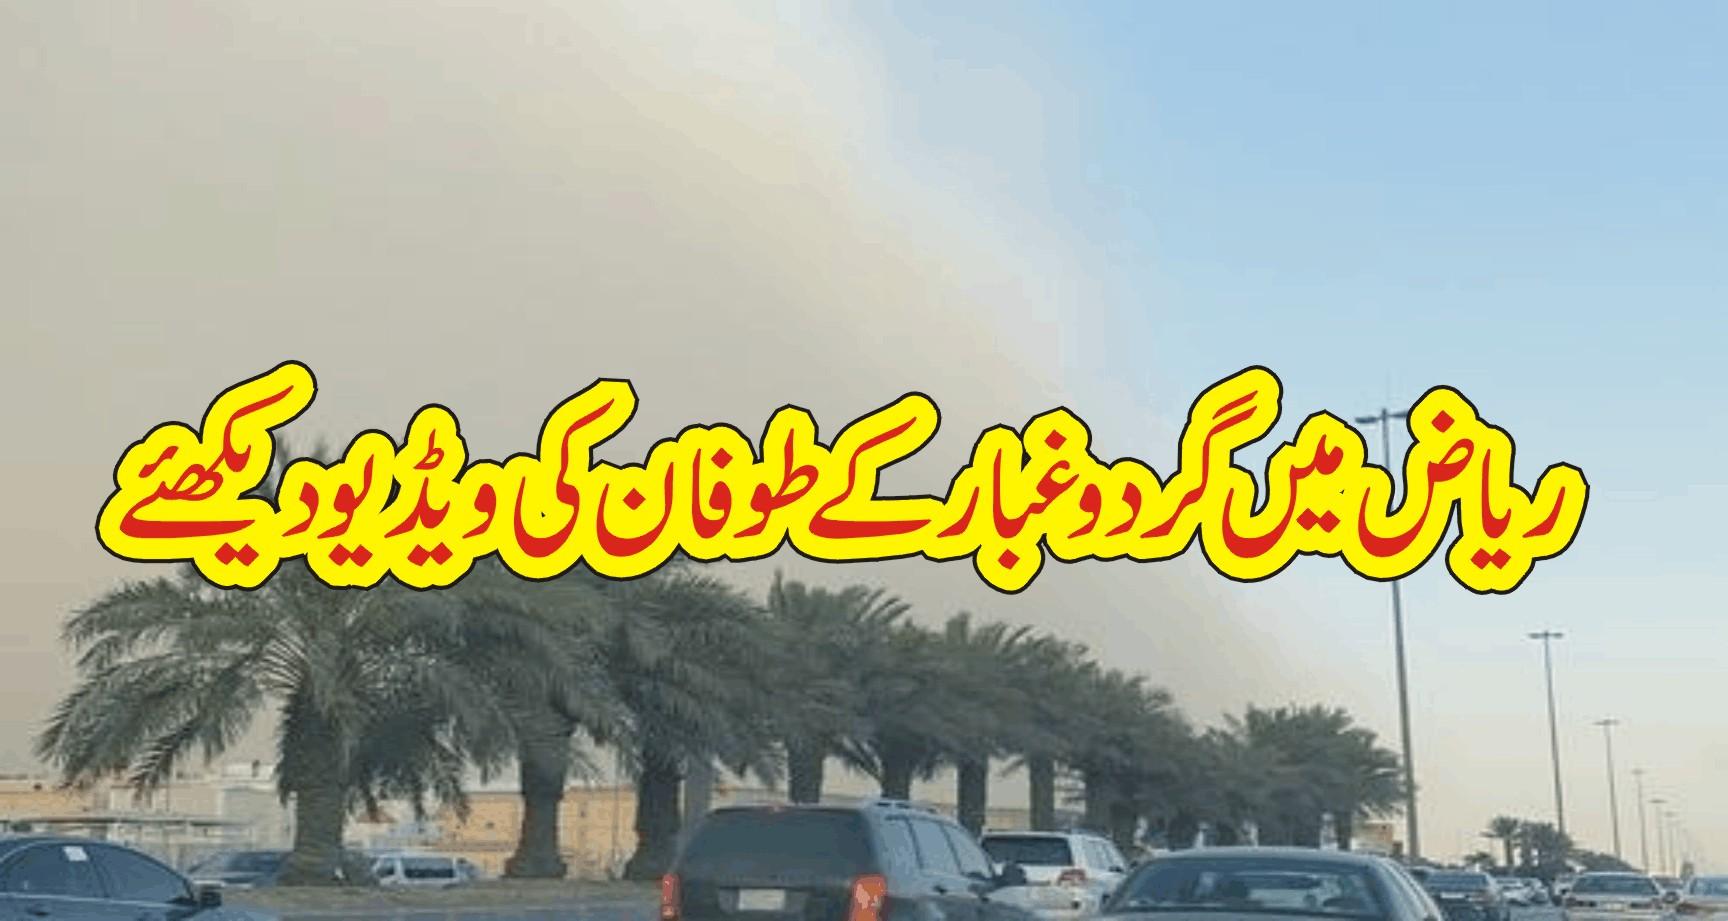 سعودی عرب کے شہر ریاض میں گردوغبار کے طوفان کی ویڈیو دیکھئے۔۔۔۔۔